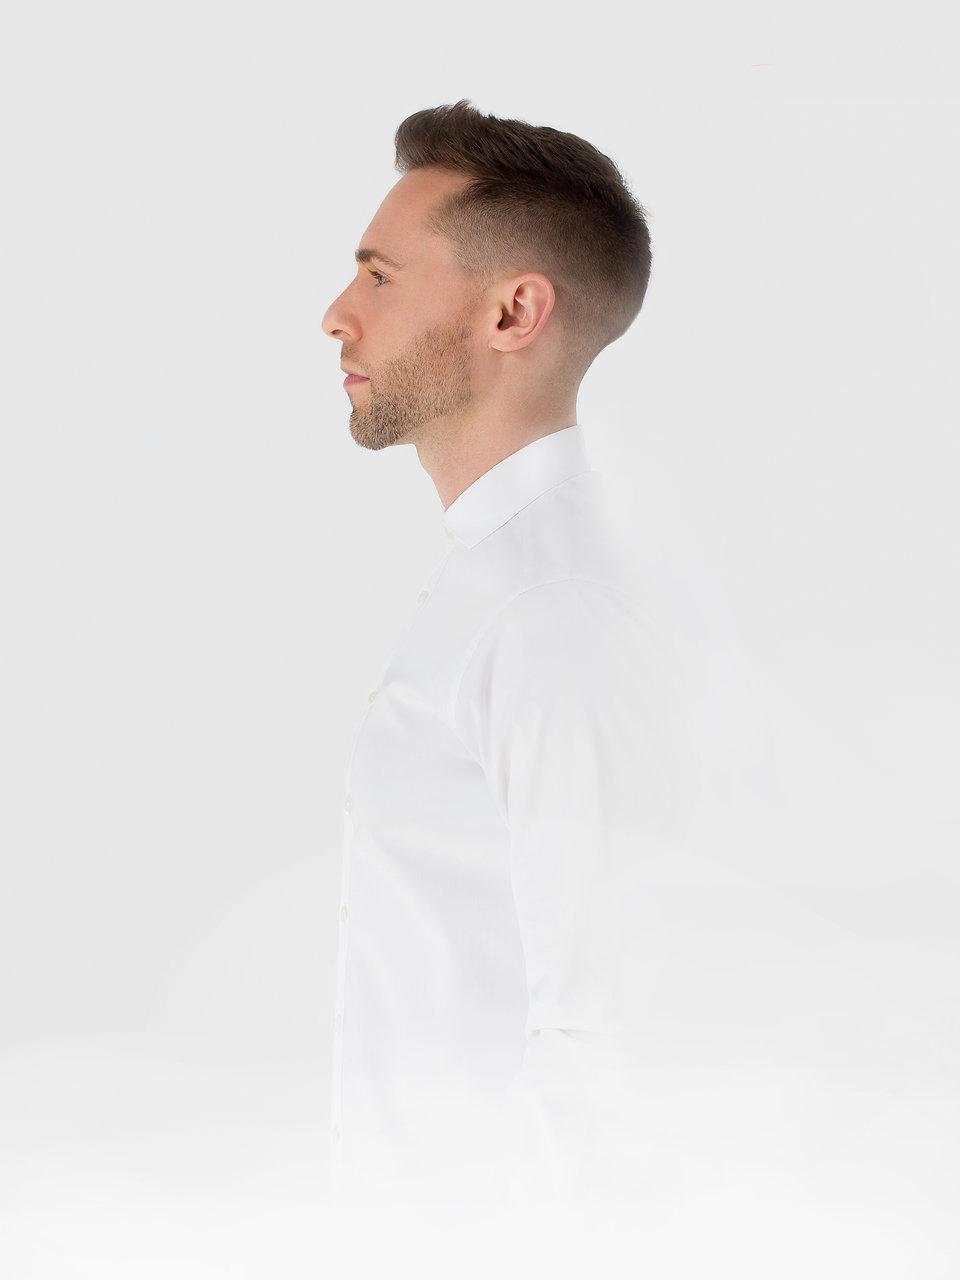 FK - Fading White Headshot.jpg